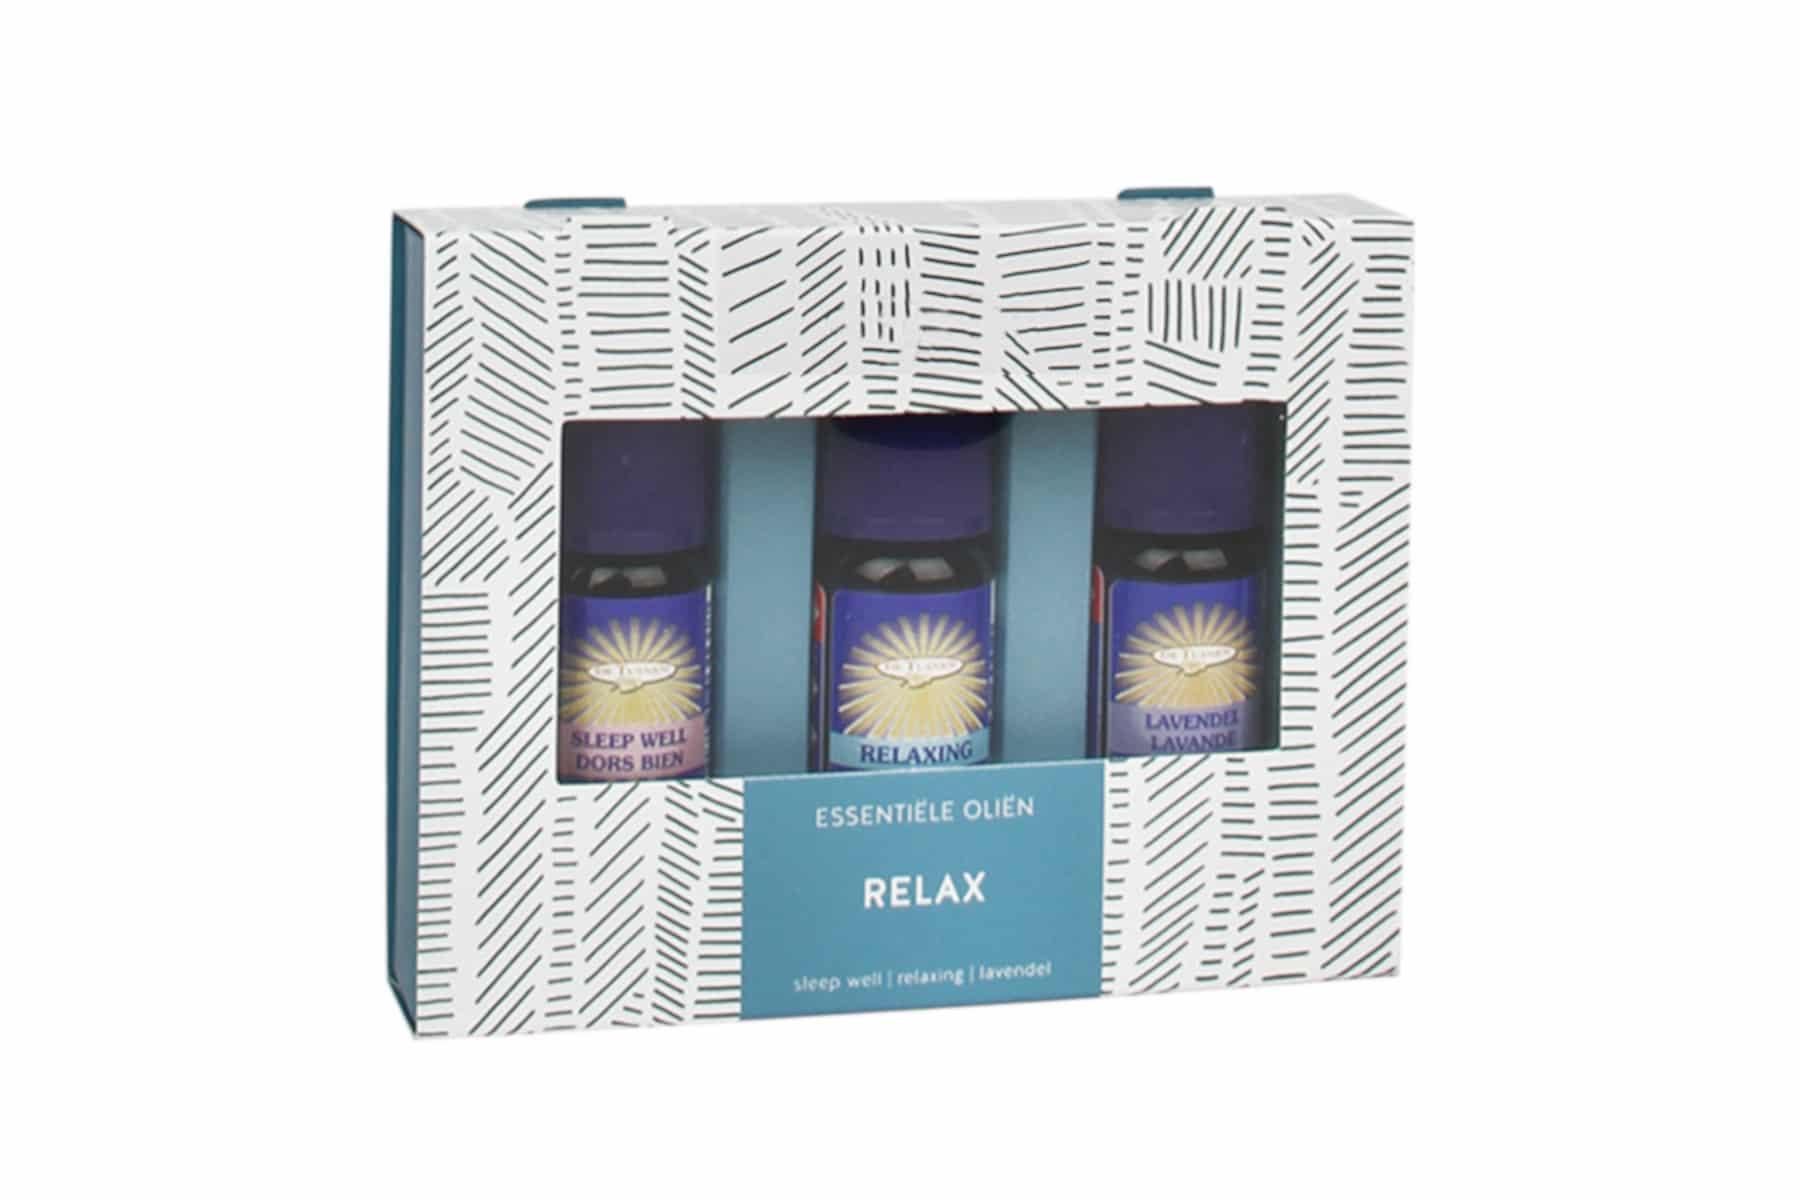 vouwkarton-verpakking-relax-mmb